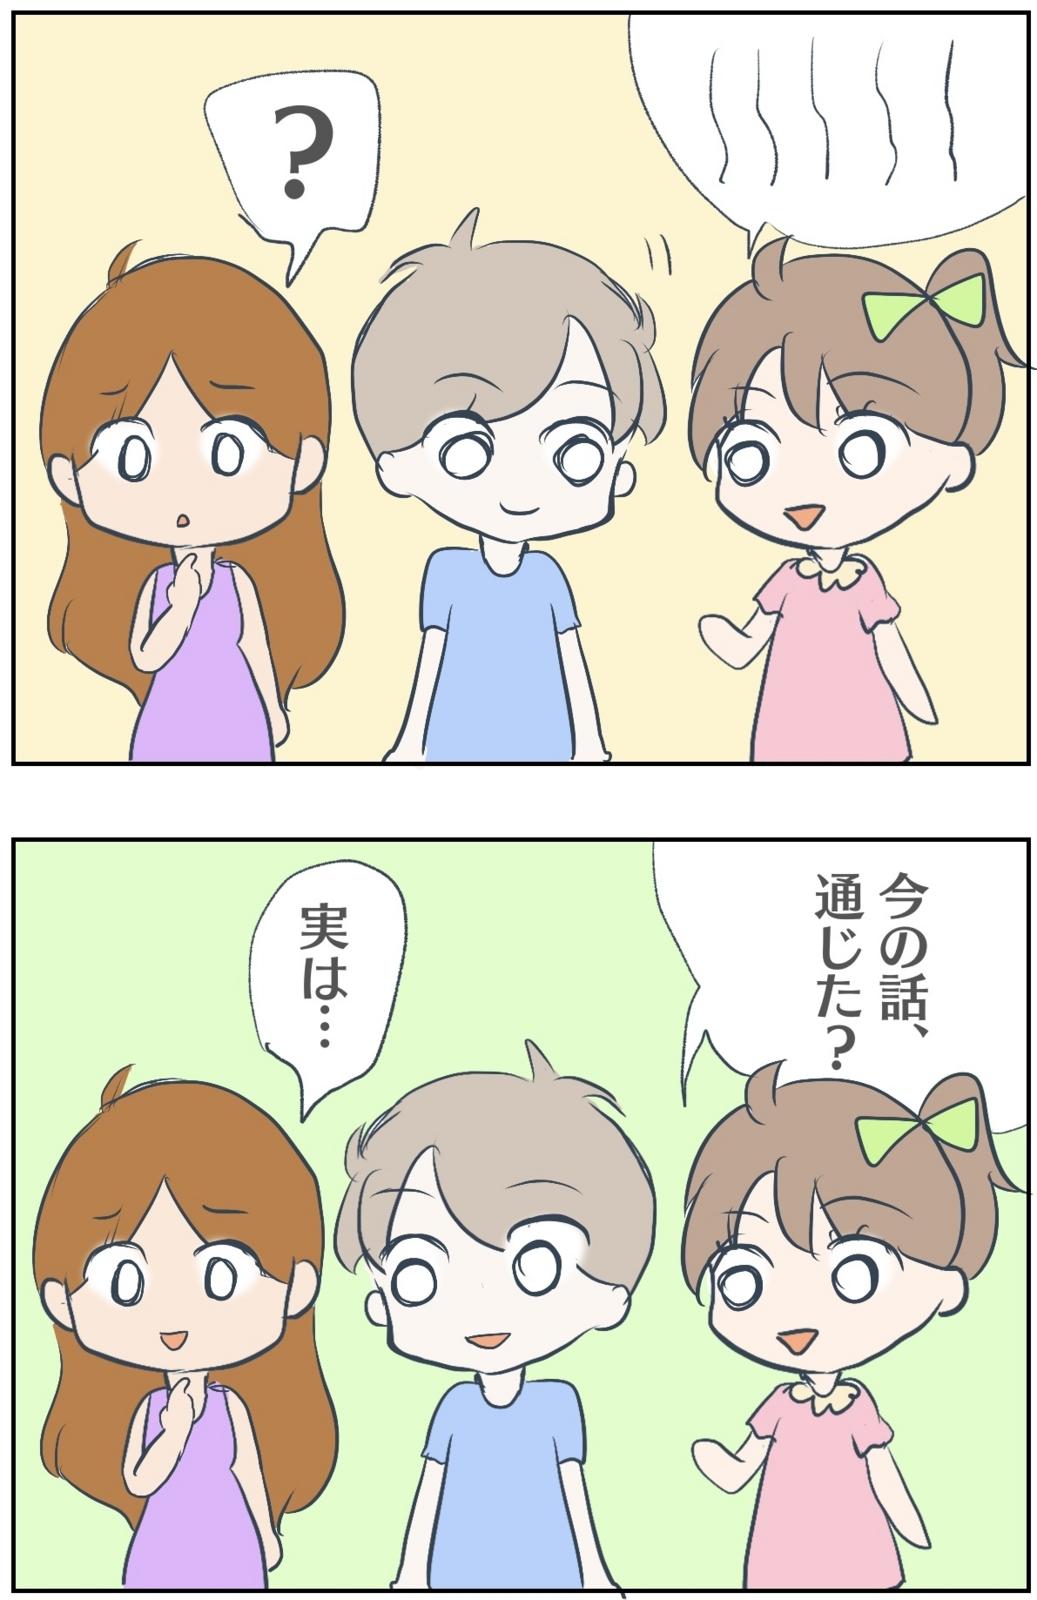 英語で会話する2コマ漫画